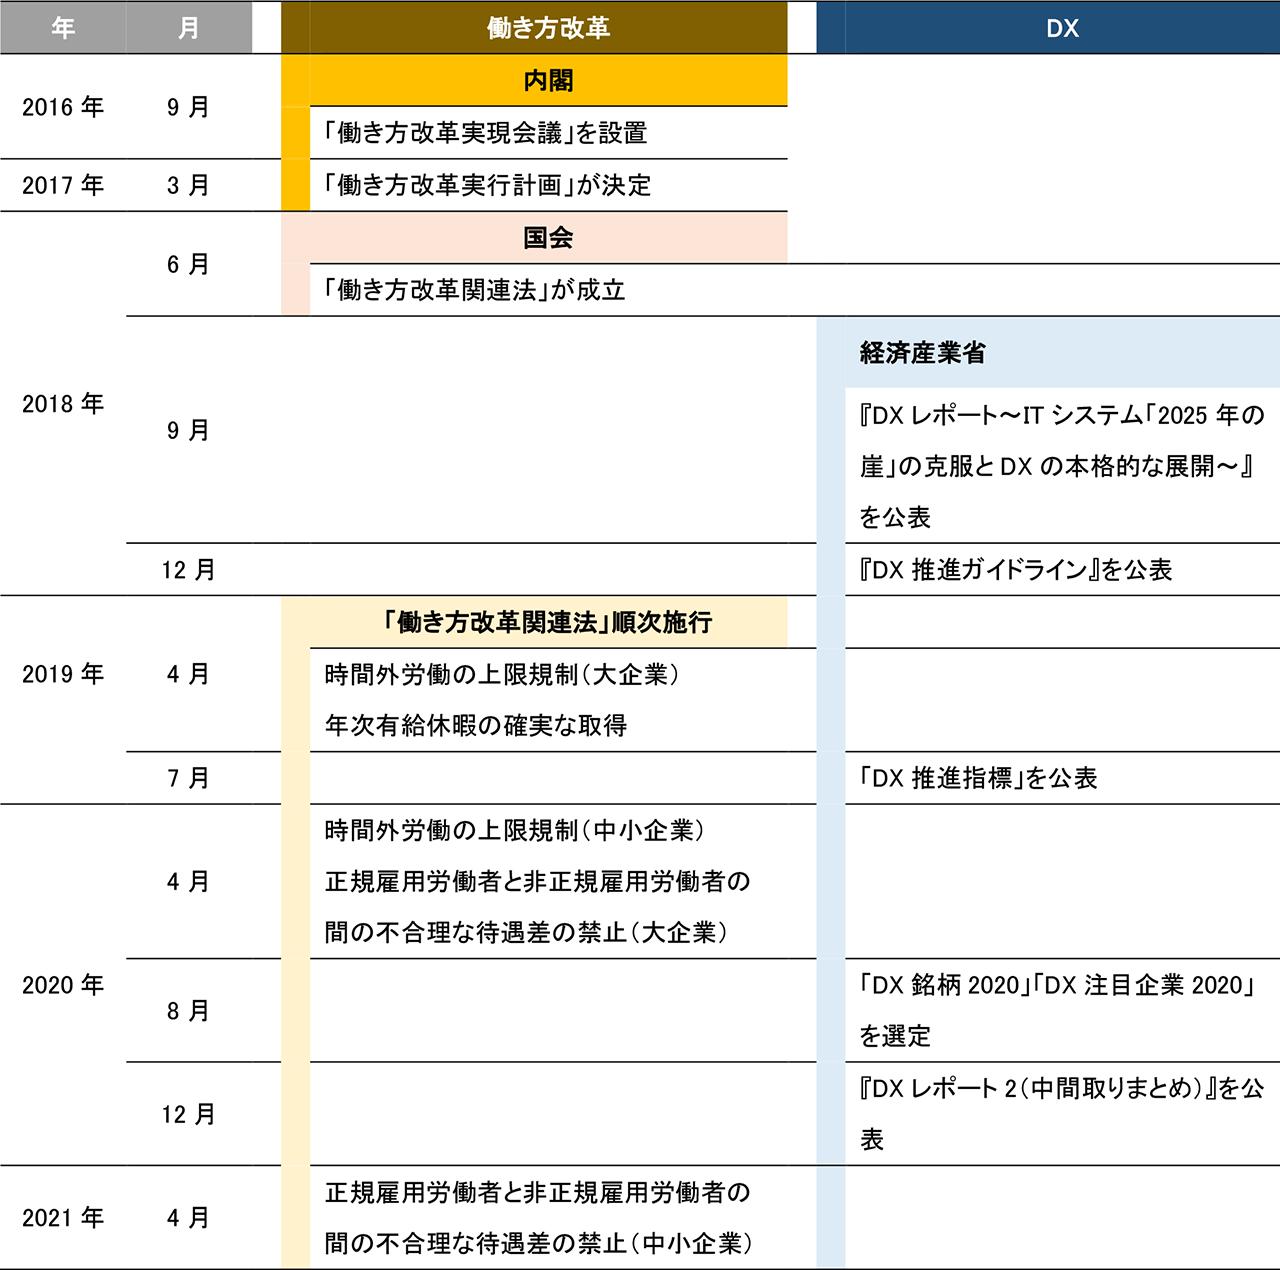 『DXレポート ~ITシステム「2025年の崖」克服とDXの本格的な展開~』主な動き